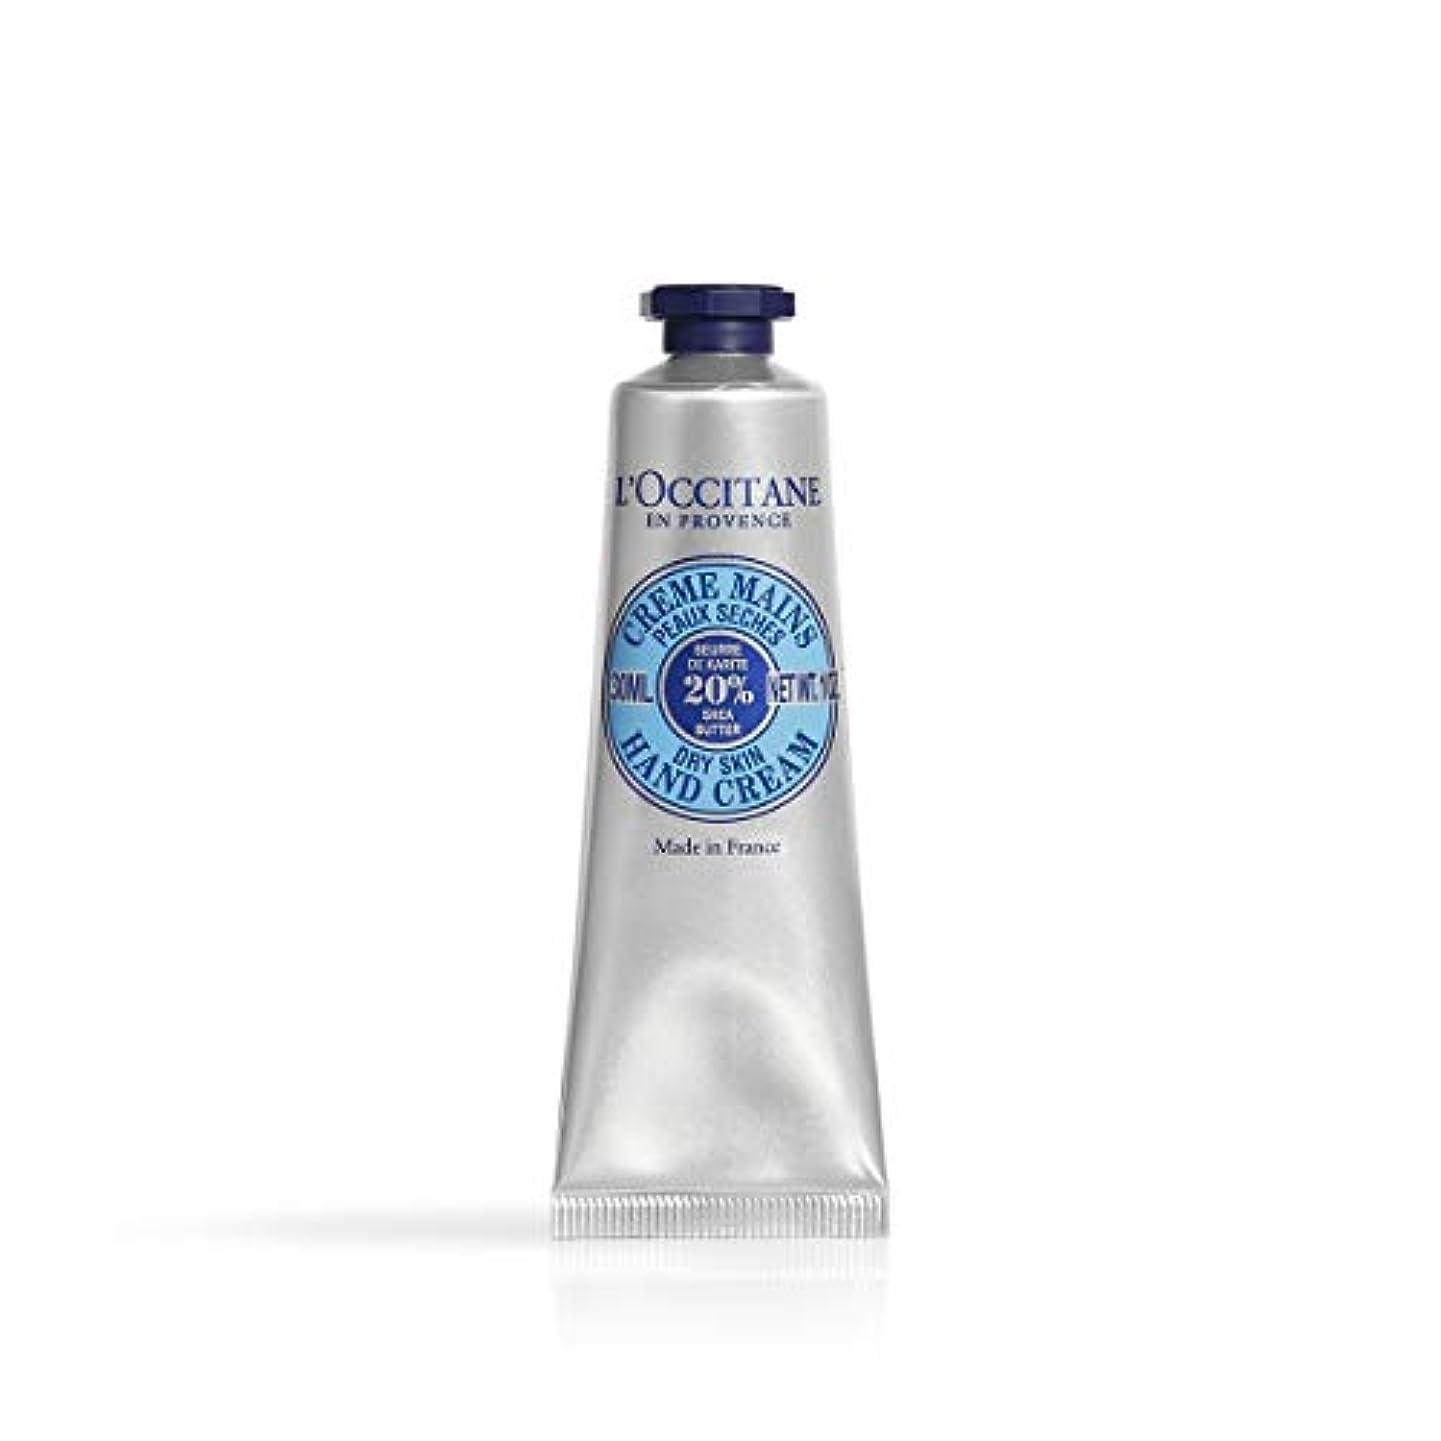 またはワンダーマークされたロクシタン(L'OCCITANE) シア ハンドクリーム 30ml